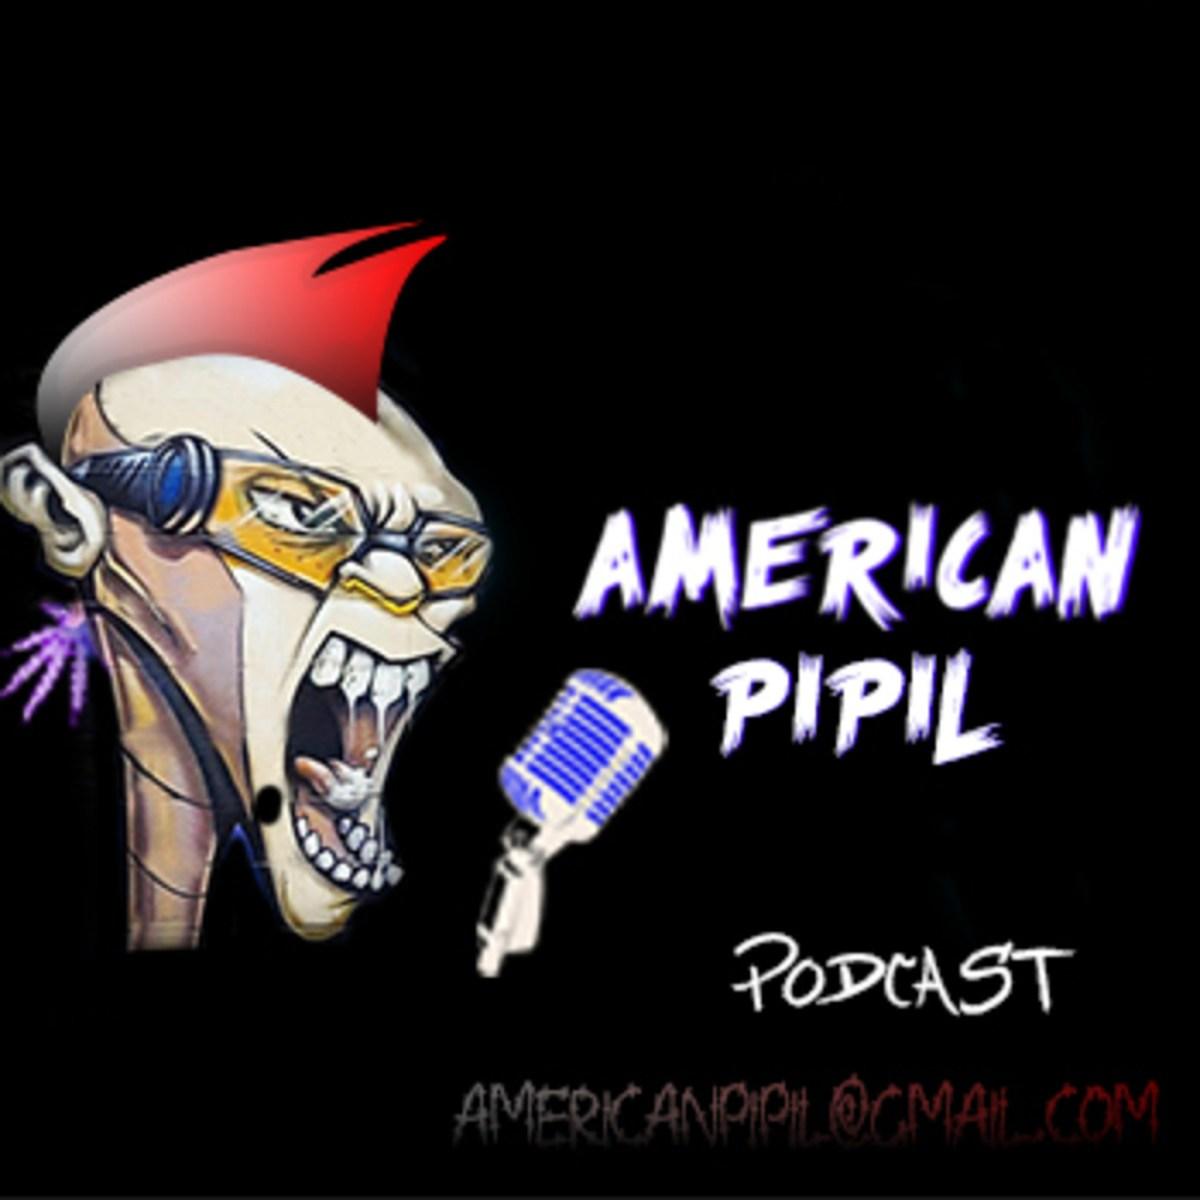 American Pipil